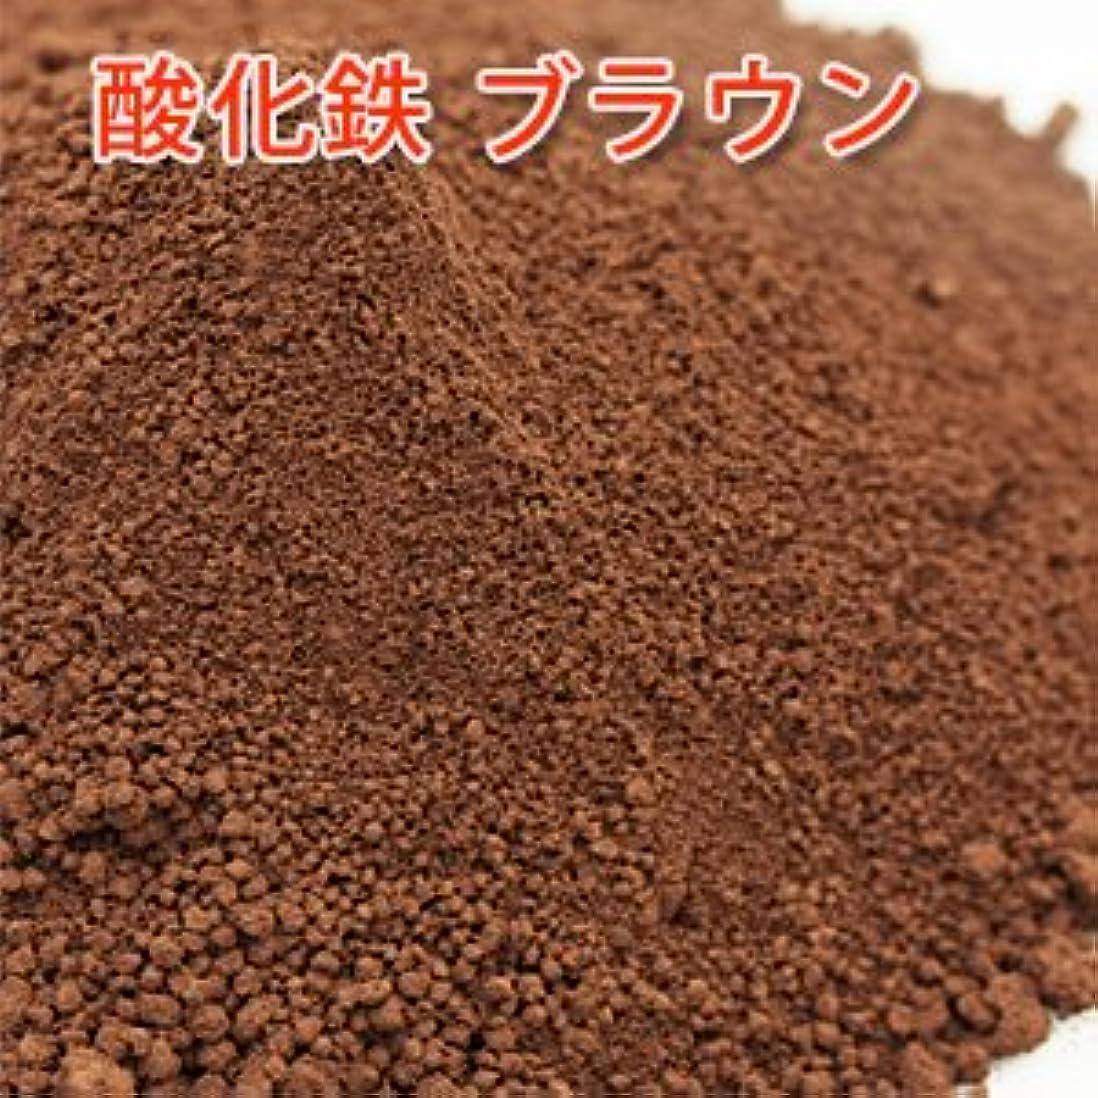 意気消沈したマイクラグ酸化鉄 ブラウン 5g 【手作り石鹸/手作りコスメ/色付け/カラーラント/茶】